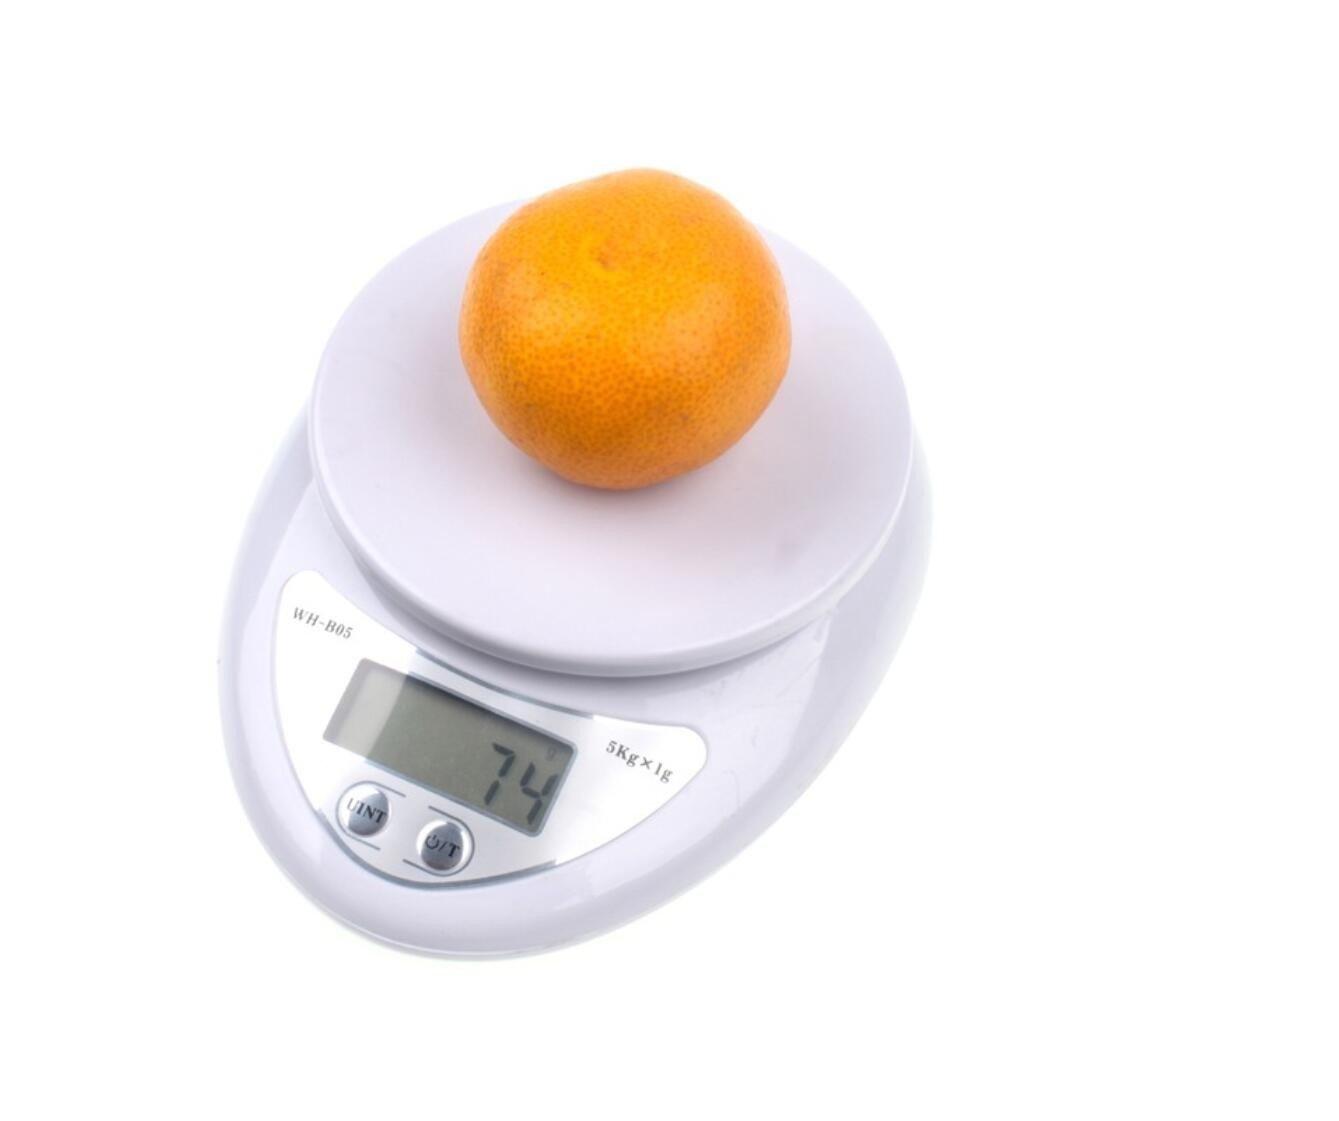 Tekanxc Báscula electrónica LED Dieta Cocina balanza digital balanzas de correos Herramientas de Cocina balanzas de cocina, una balanza electrónica,5000G/1G ...